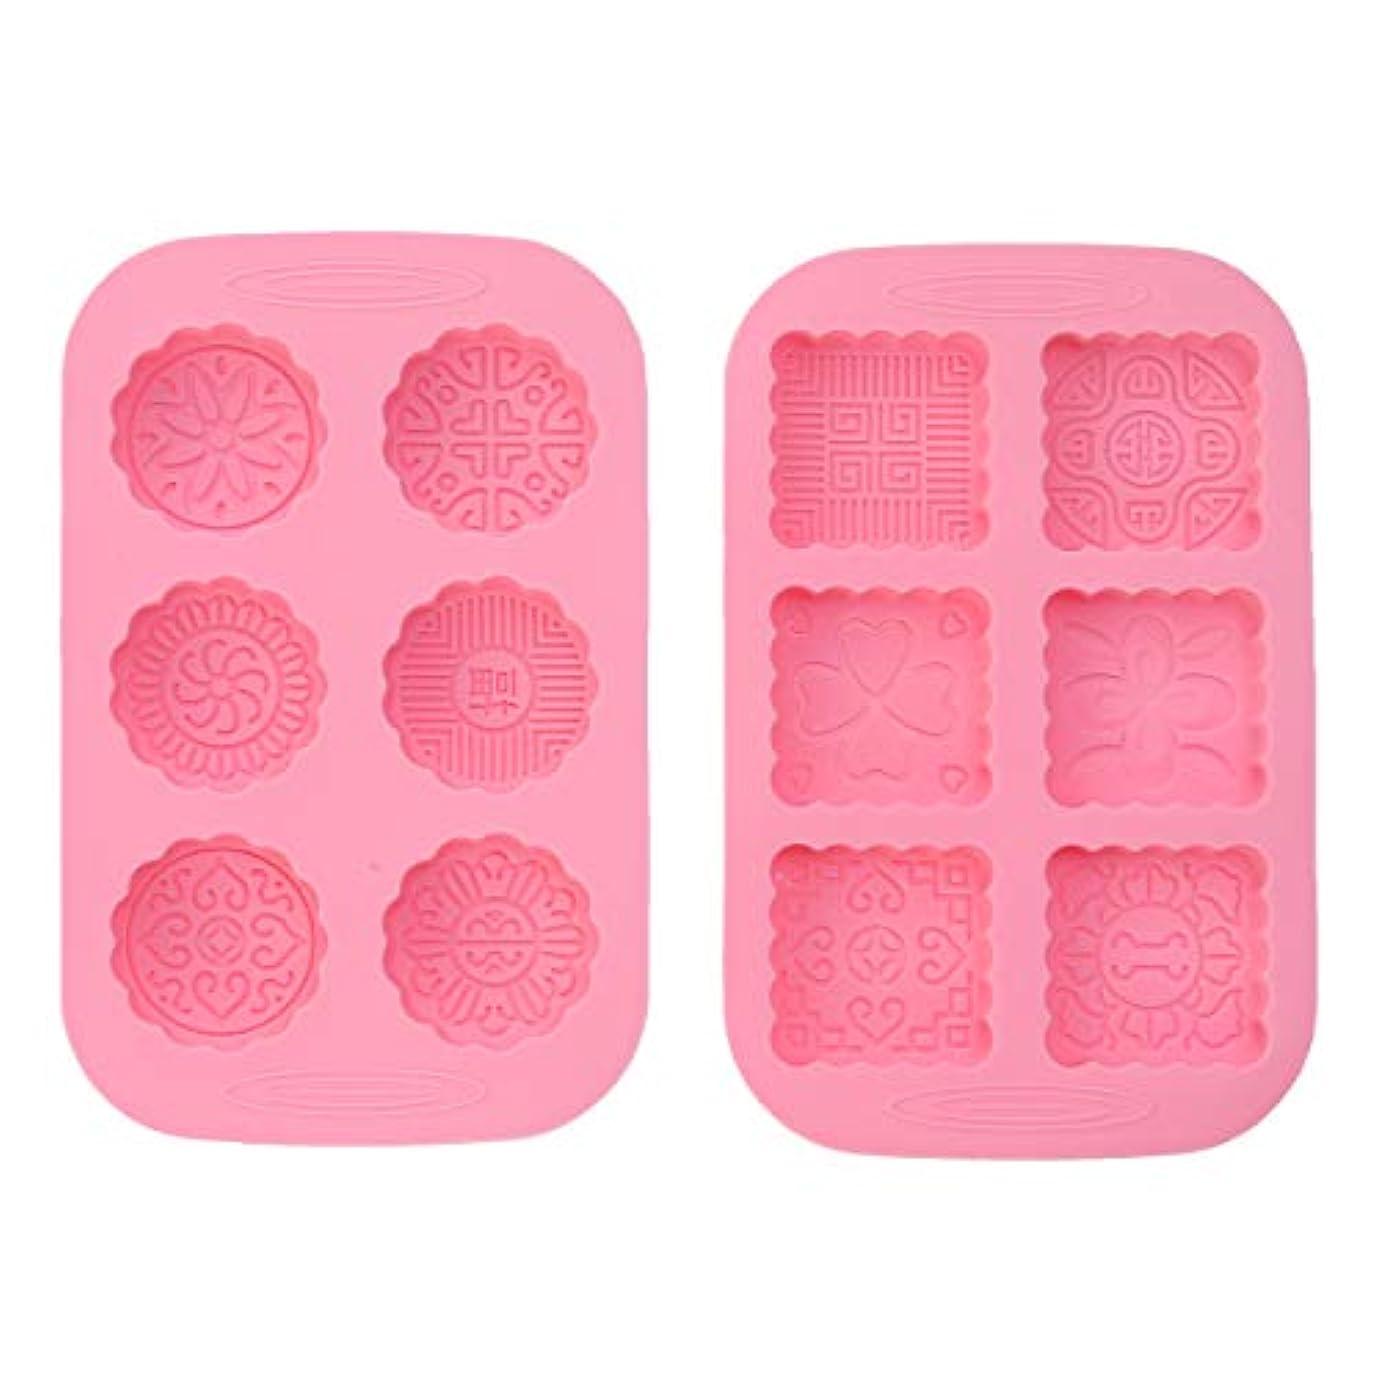 ヤング乳製品恩恵SUPVOX 2本シリコンケーキマフィンムーンケーキ型花型金型DIYフォンダンショコラキャンディ金型アイスゼリーソープキューブトレイ(ピンク)